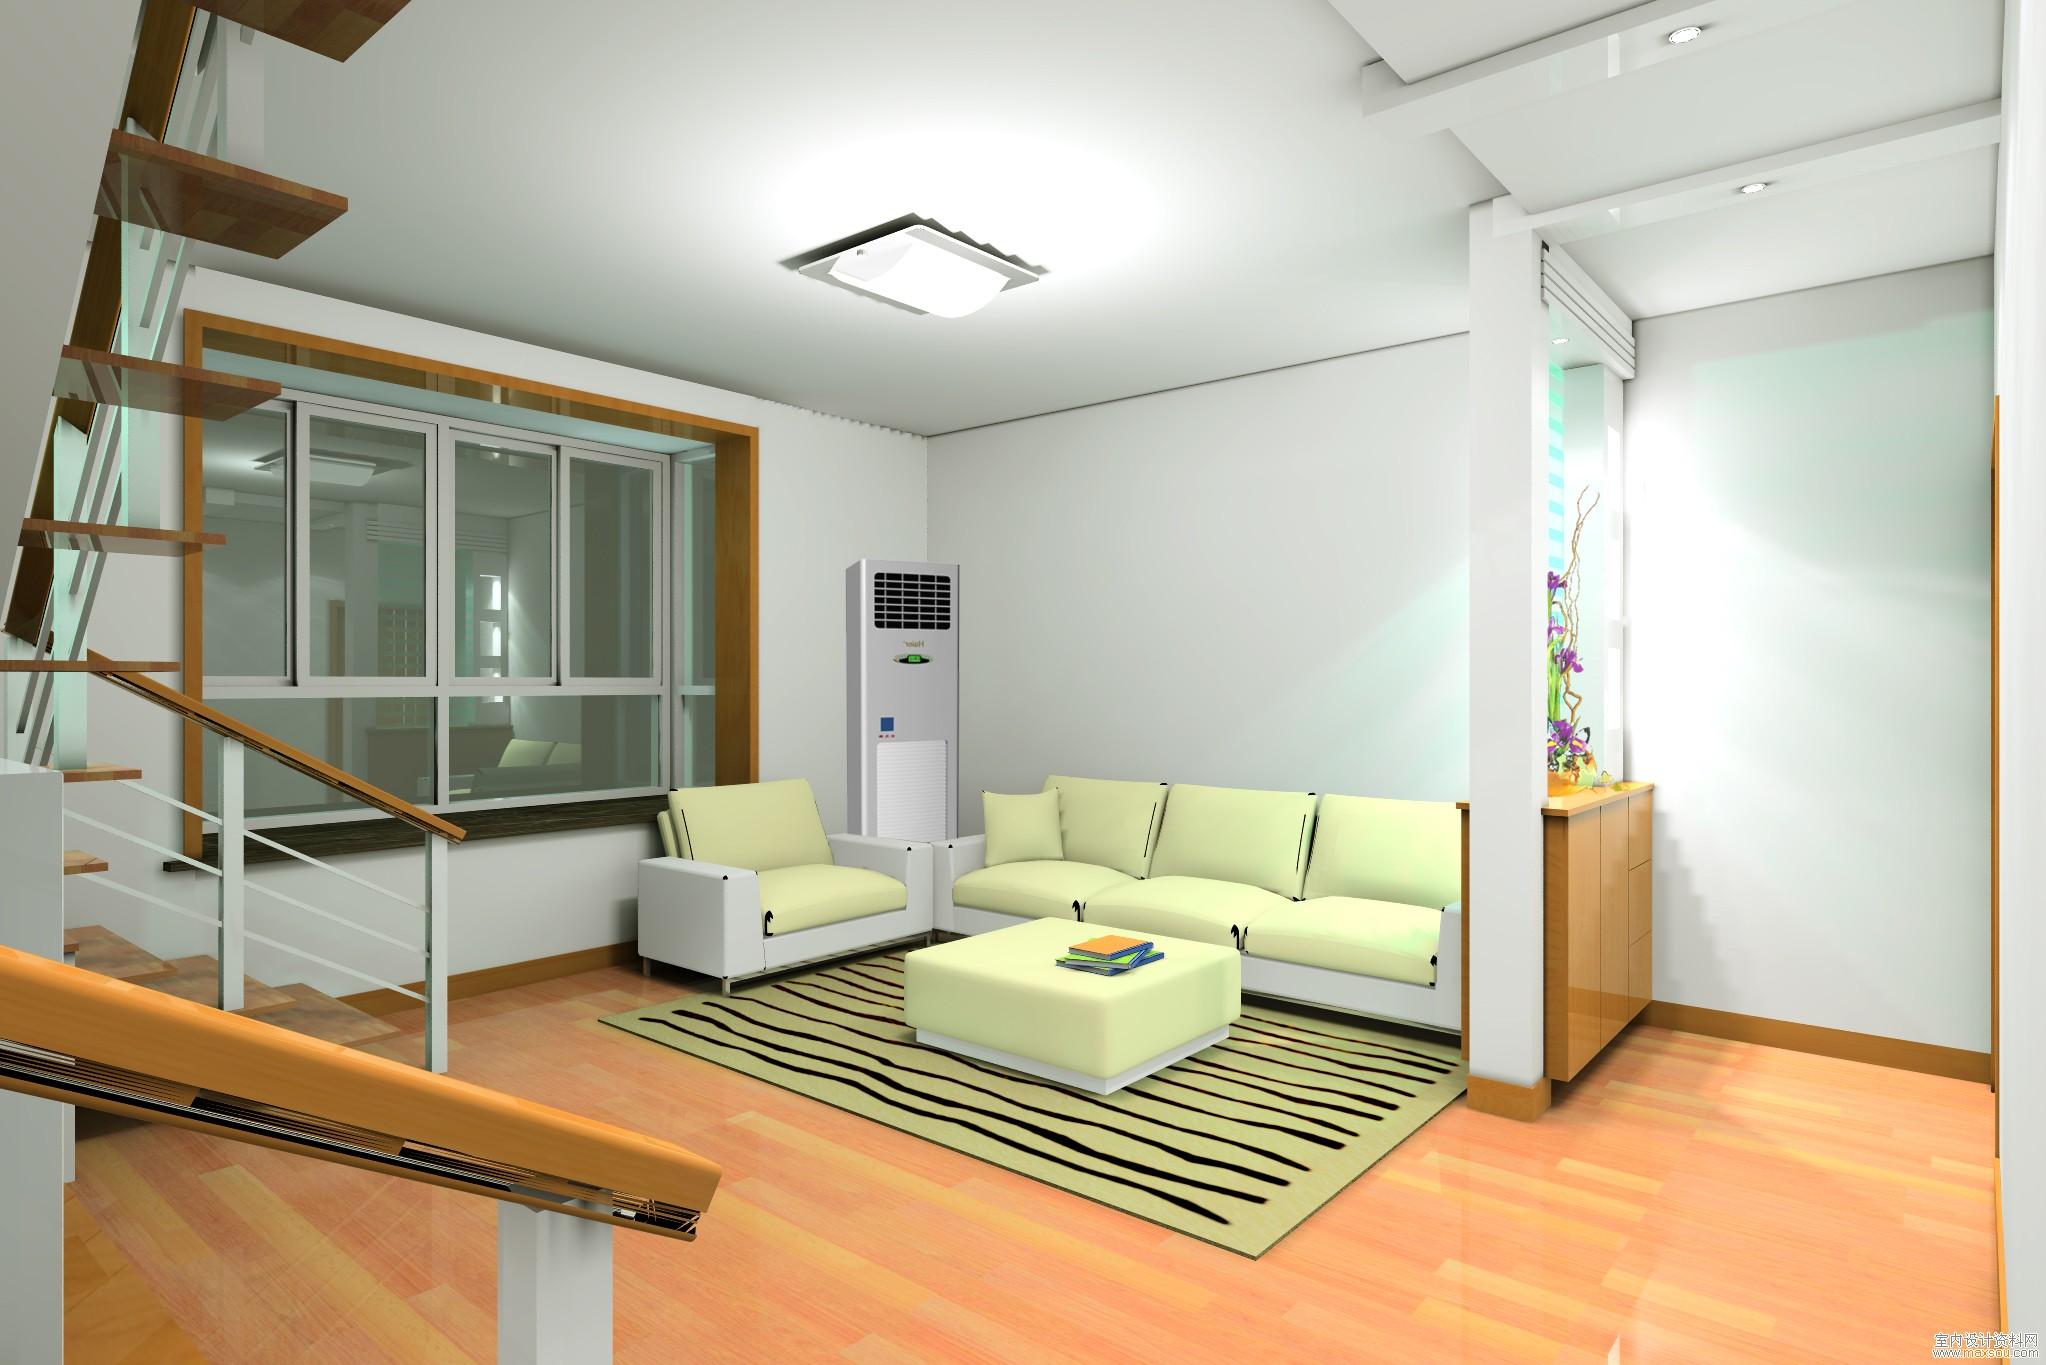 样板房:客厅装修效果图精选